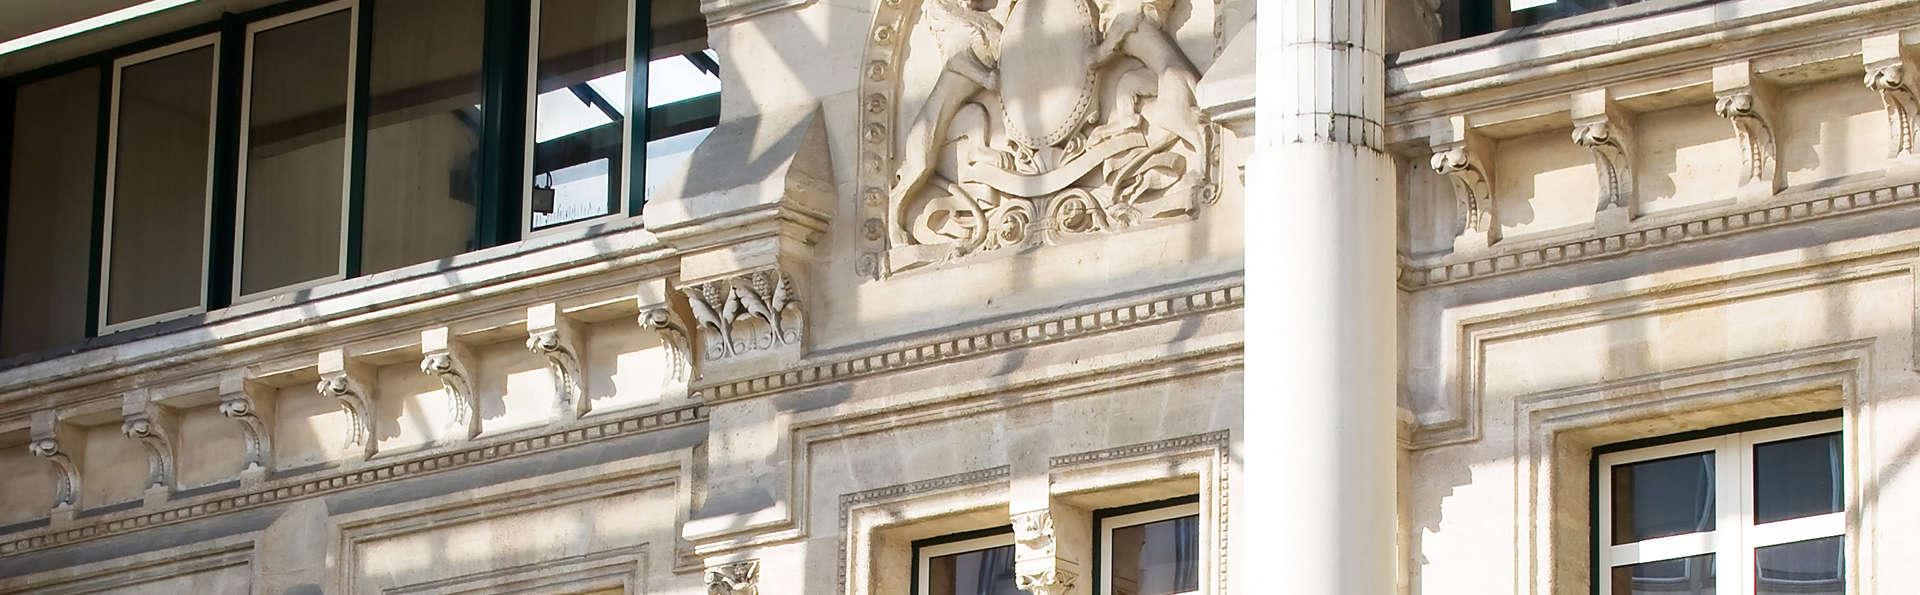 Mercure Bordeaux Château Chartrons - EDIT_facade2.jpg